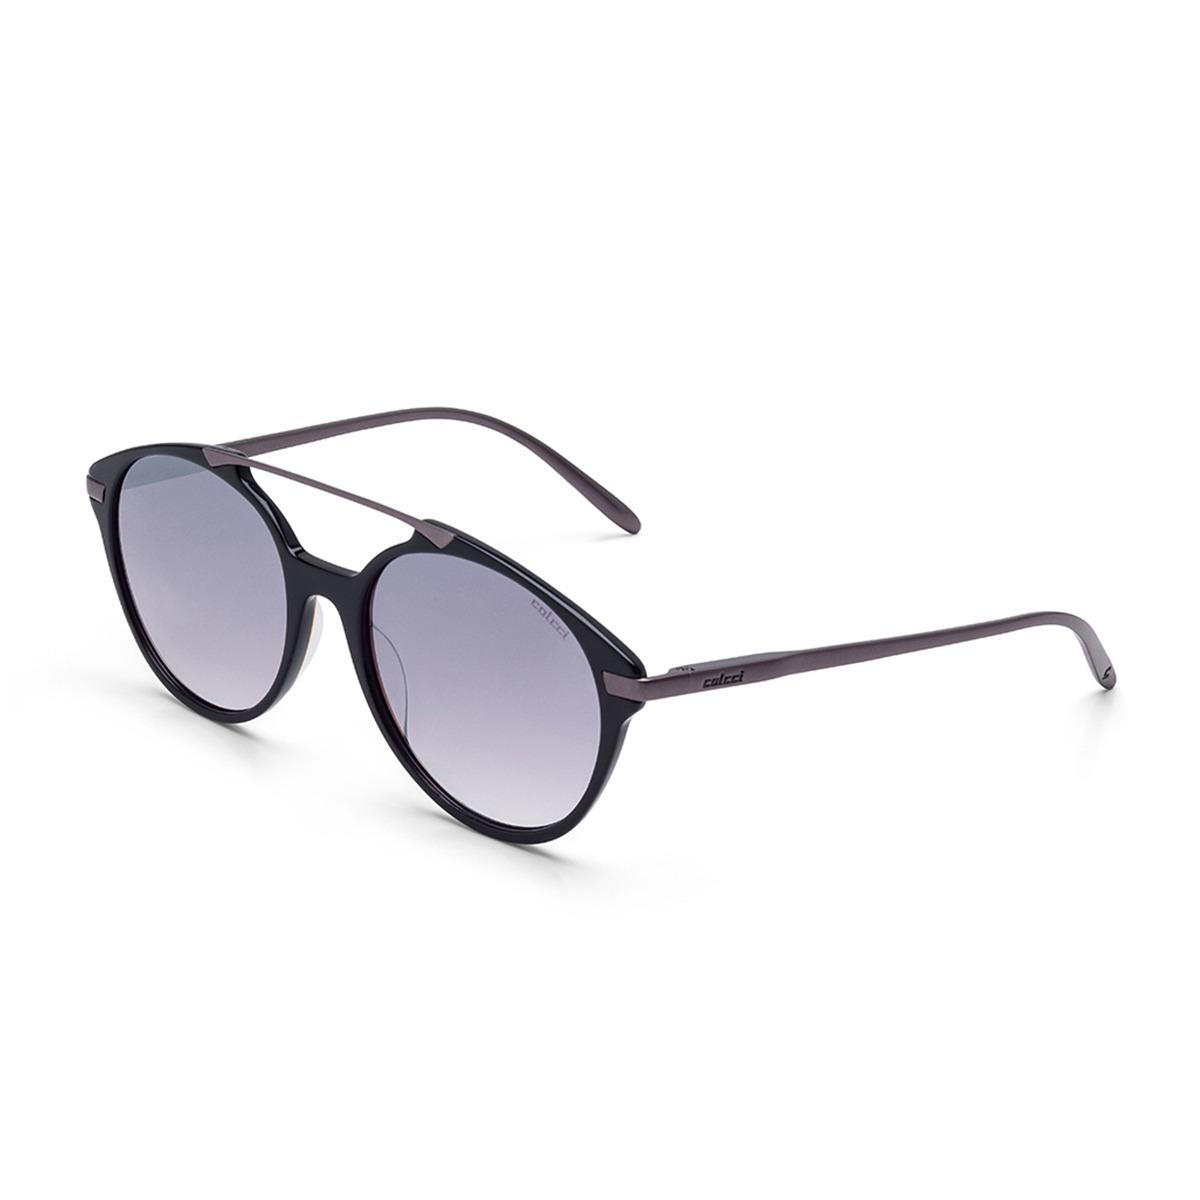 dad453cd7 Óculos Solar Colcci C0069a8943 Preto Chumbo Cinza Novidade - R$ 399 ...